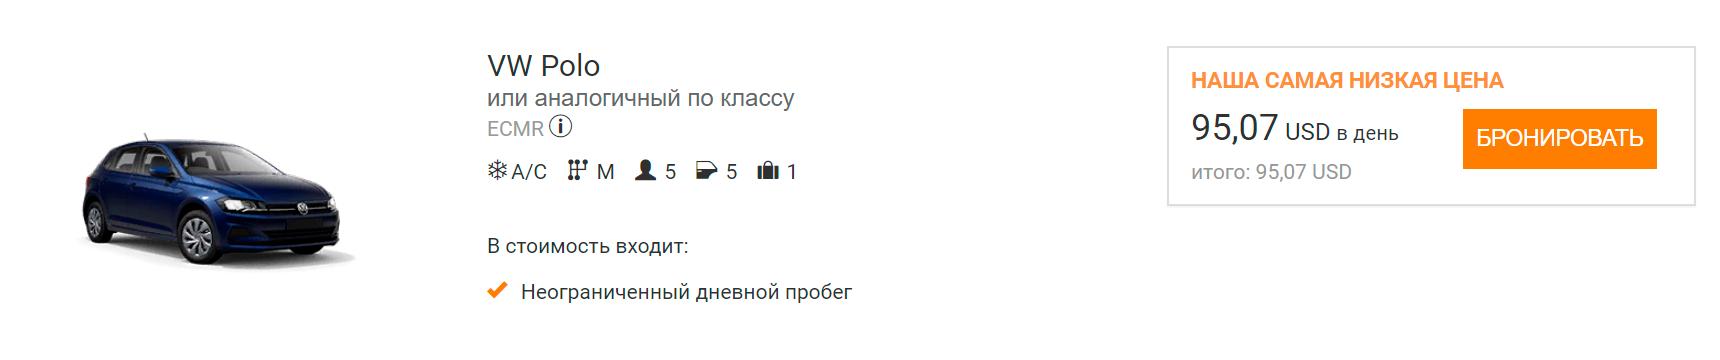 В конце марта 2020 года на русскоязычном сайте цена была 95,07$